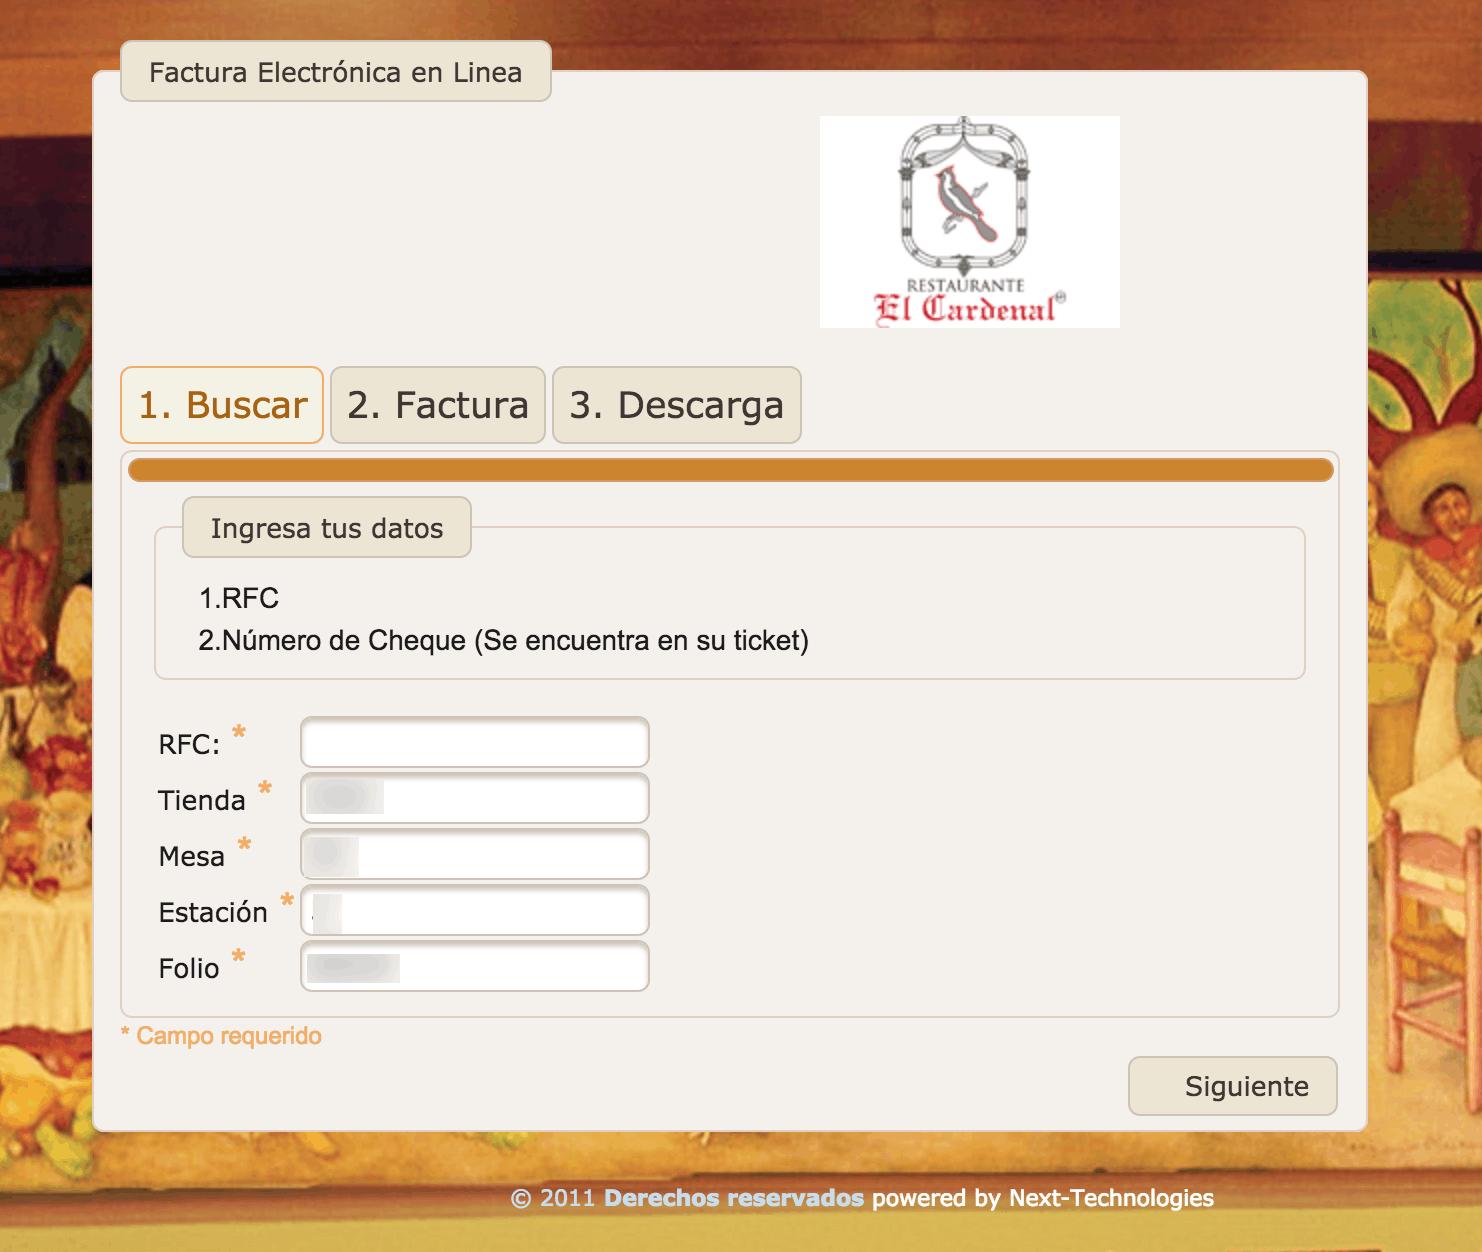 RESTAURANTE EL CARDENAL FACTURACION 0